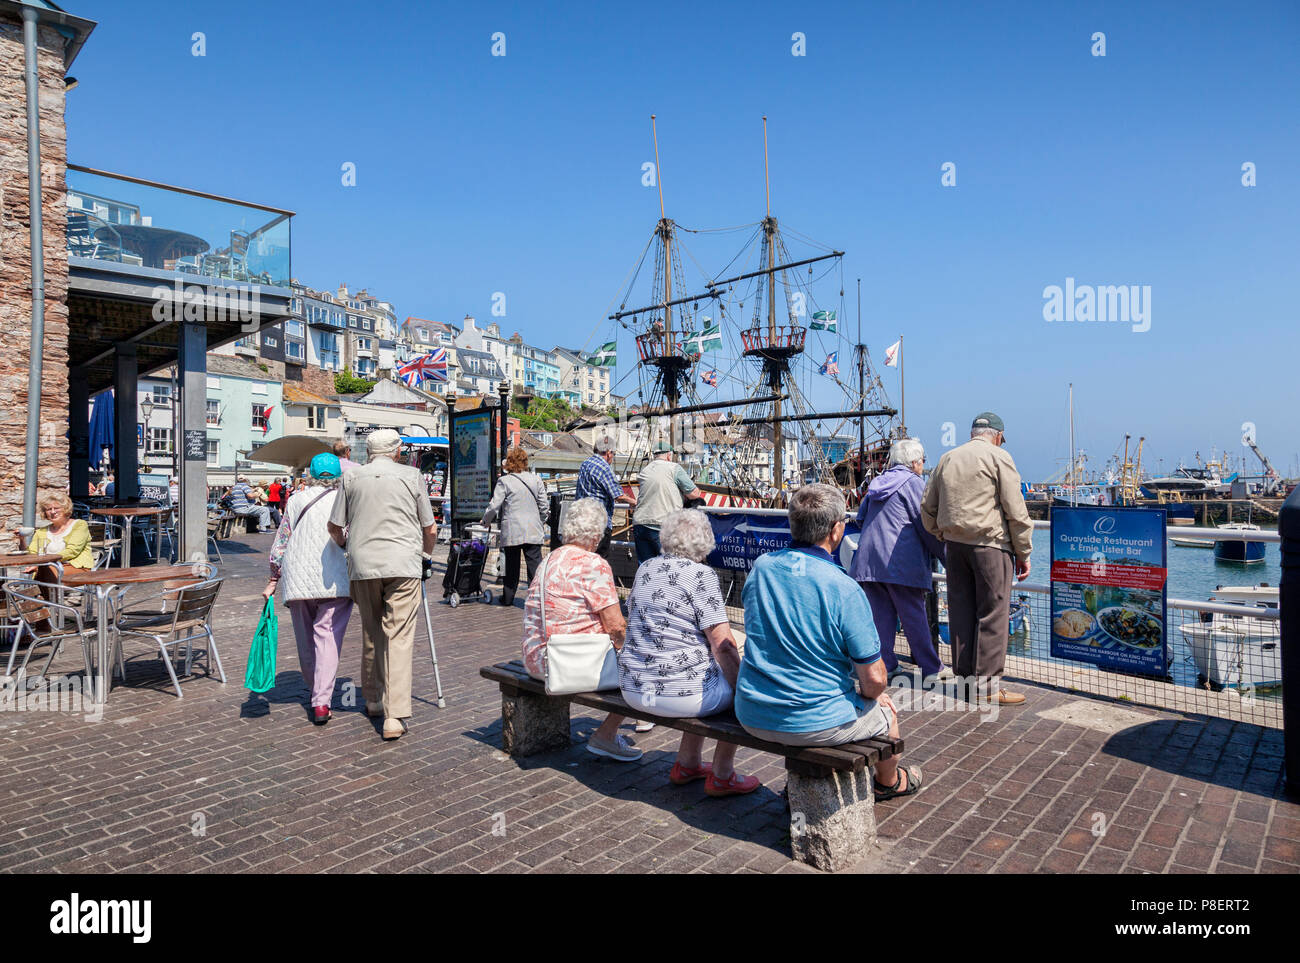 23 Maggio 2018: Brixham, Devon, Regno Unito - i cittadini anziani rilassante sul lungomare a Brixham Harbour, con la replica di Golden Hind nave a vela. Immagini Stock